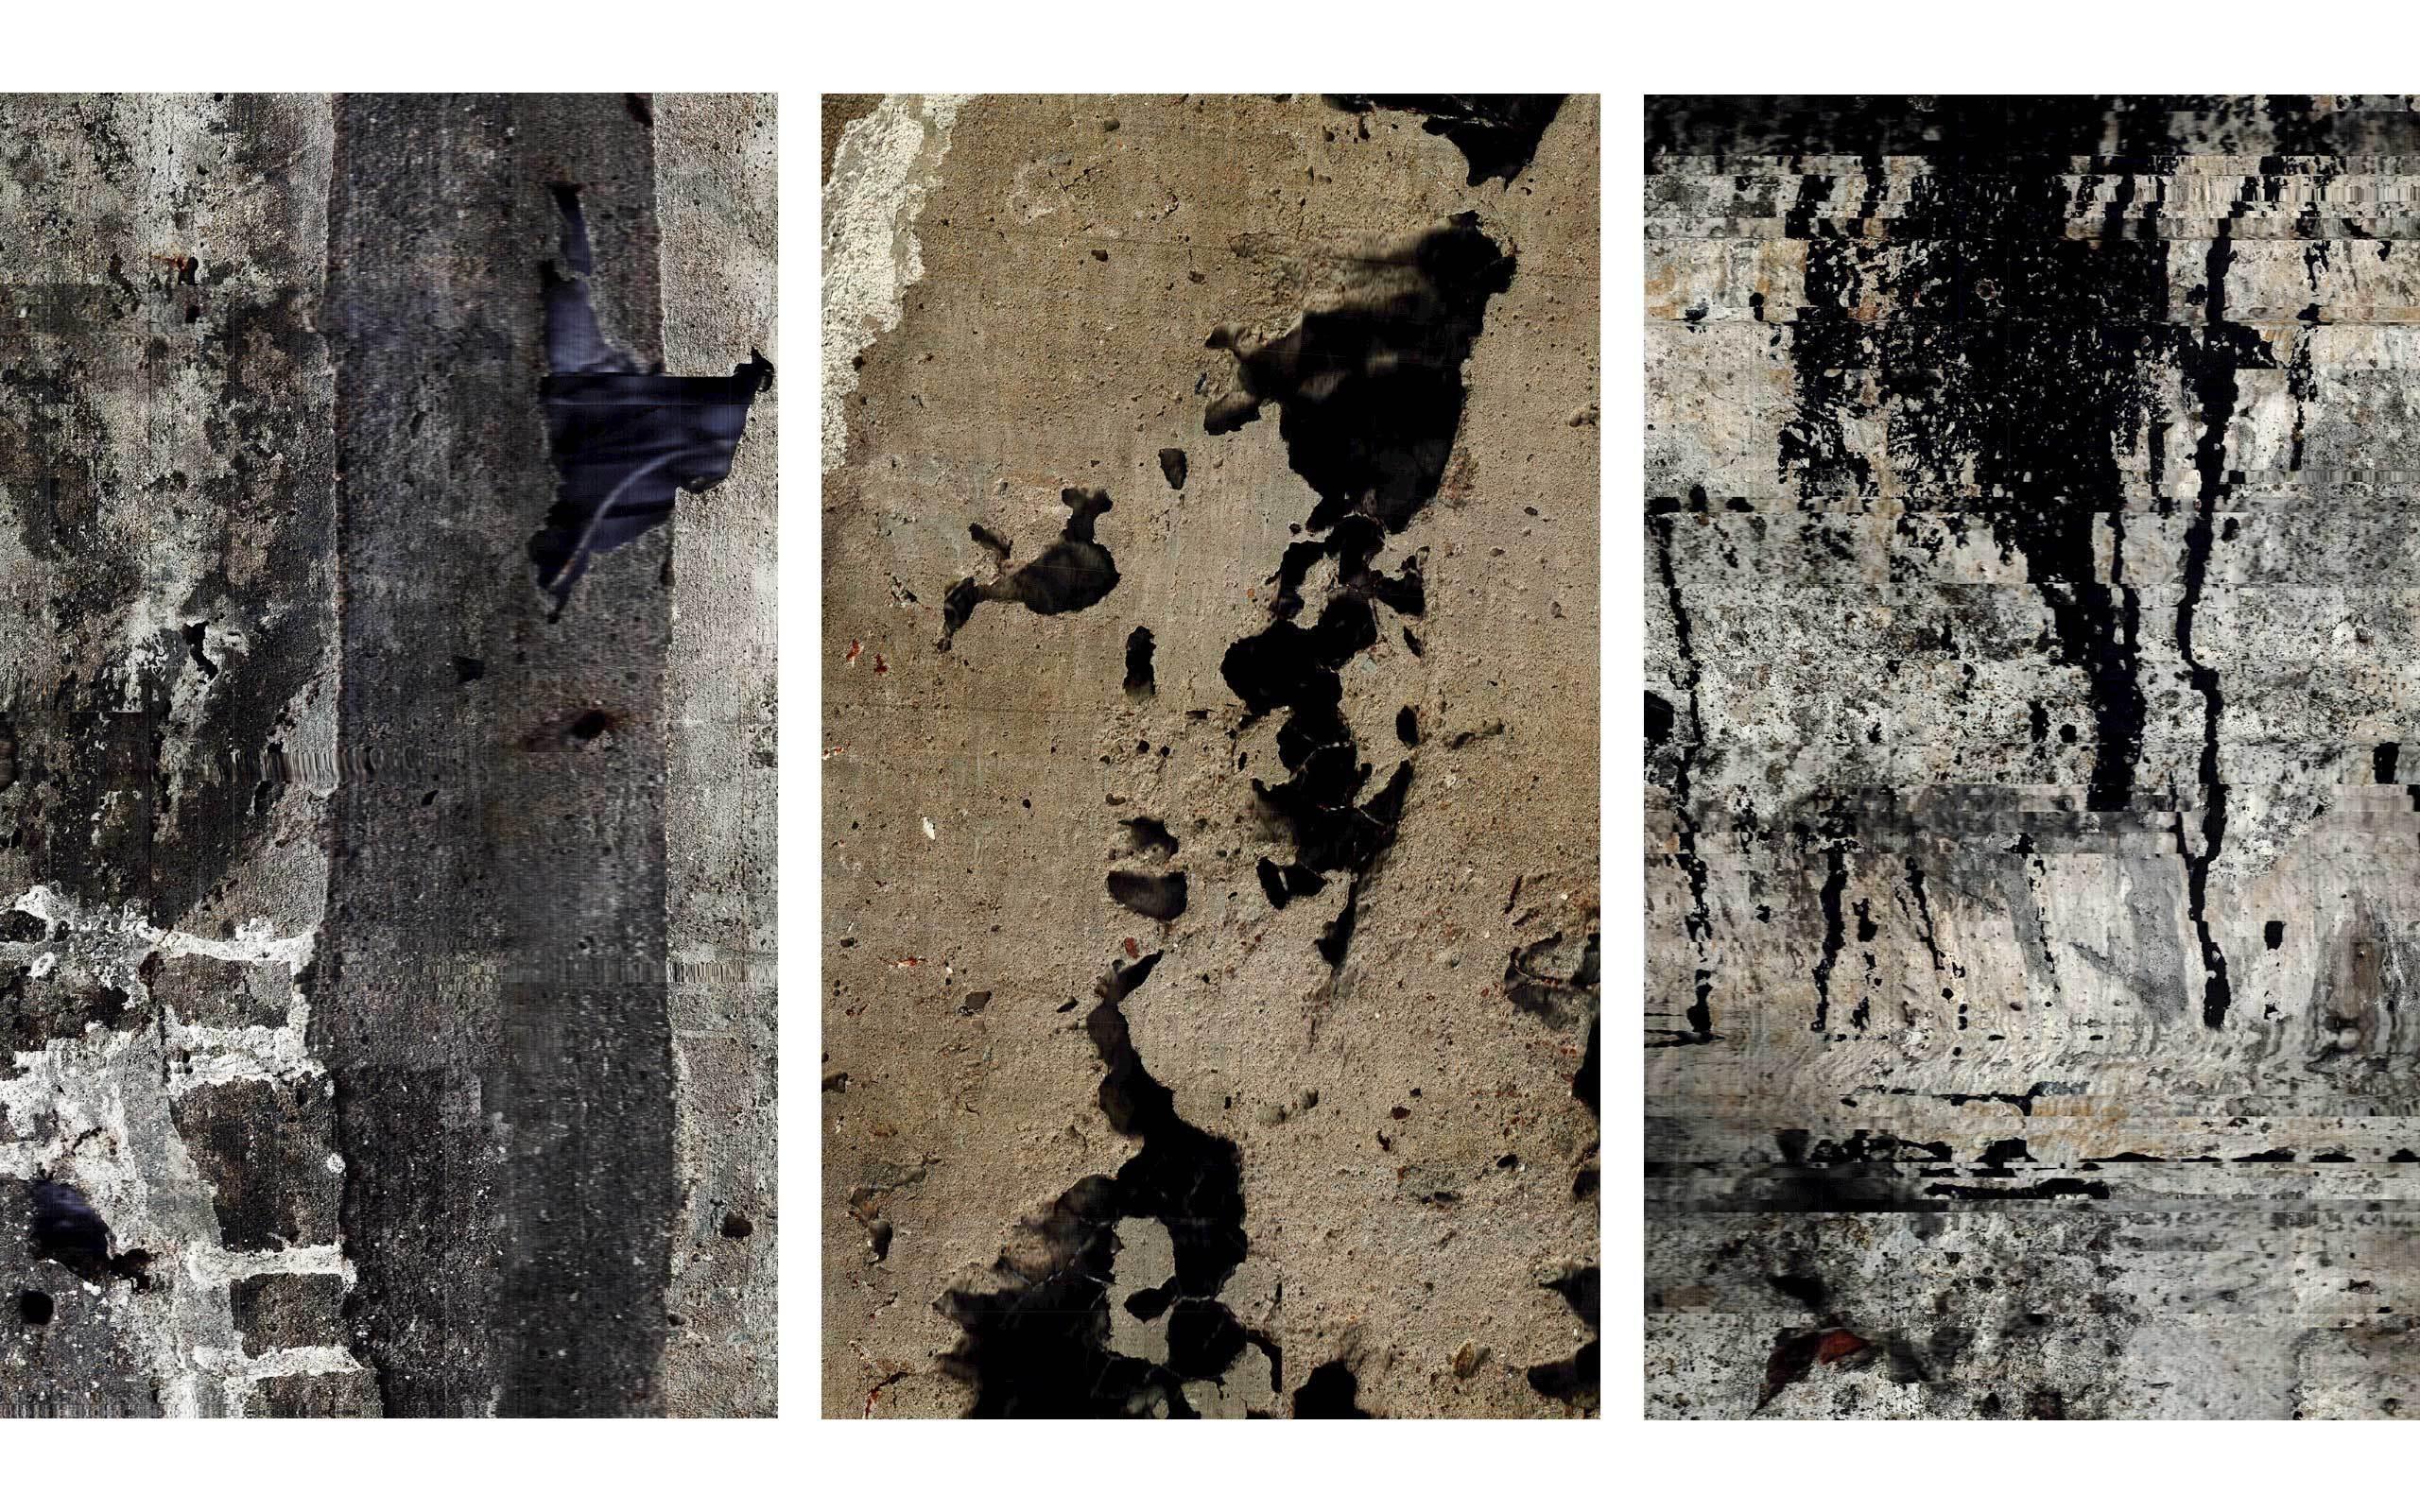 02 John Skoog limited-release art edition (Rift 4) East Wall; (Rift 5) North Wall; (Rift 6) East Wall